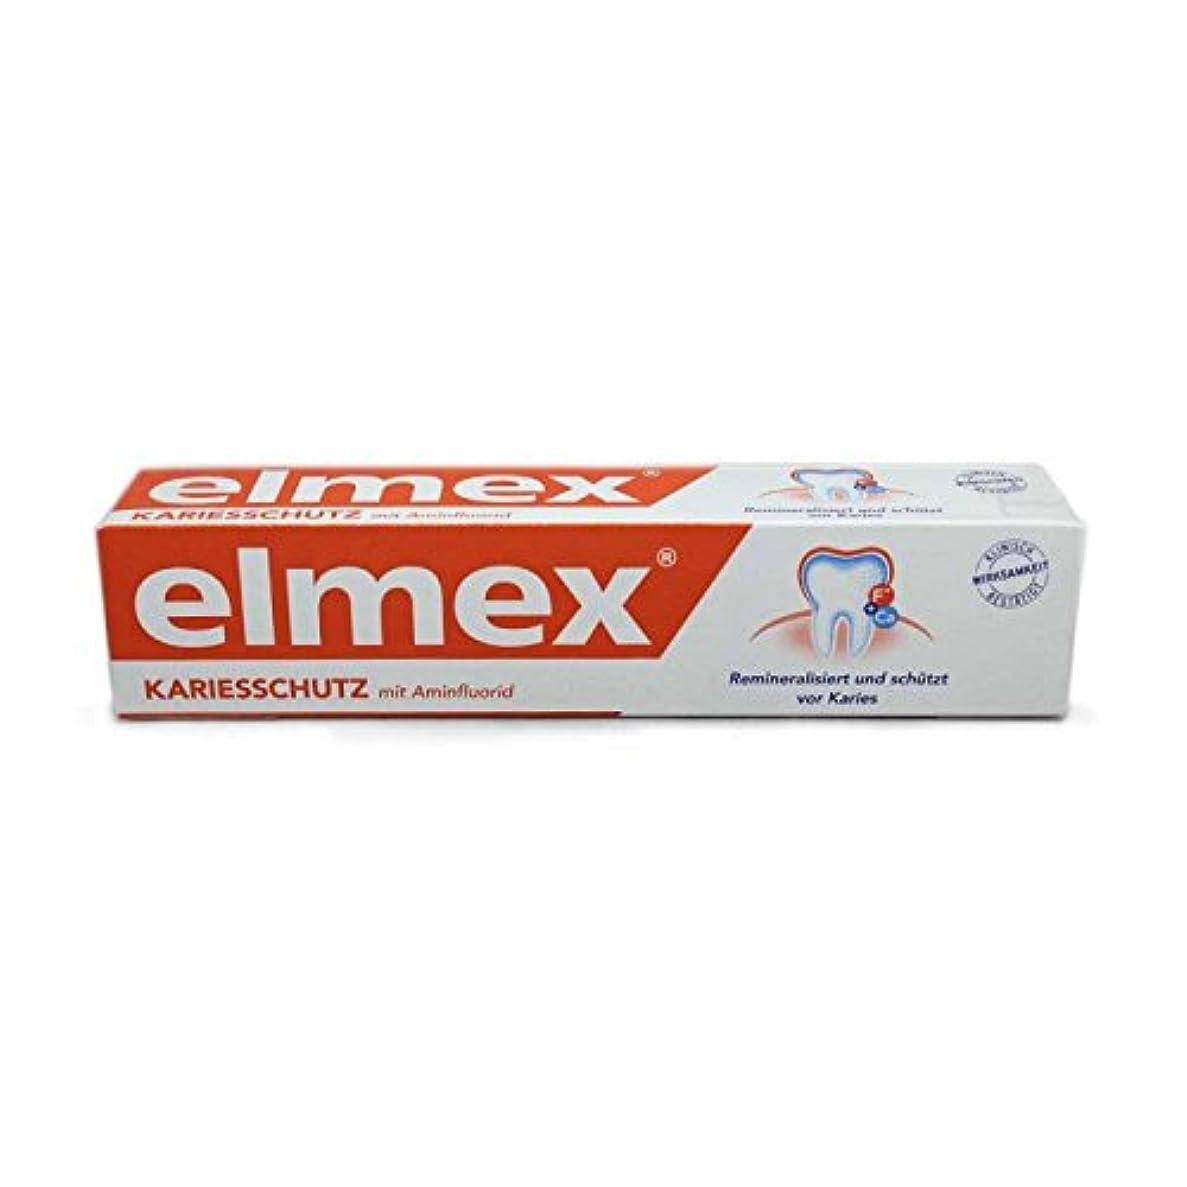 臭い工業用カイウスエルメックス 虫歯予防 歯磨き粉 Elmex Kariesschutz Toothpaste 75ml [並行輸入品]